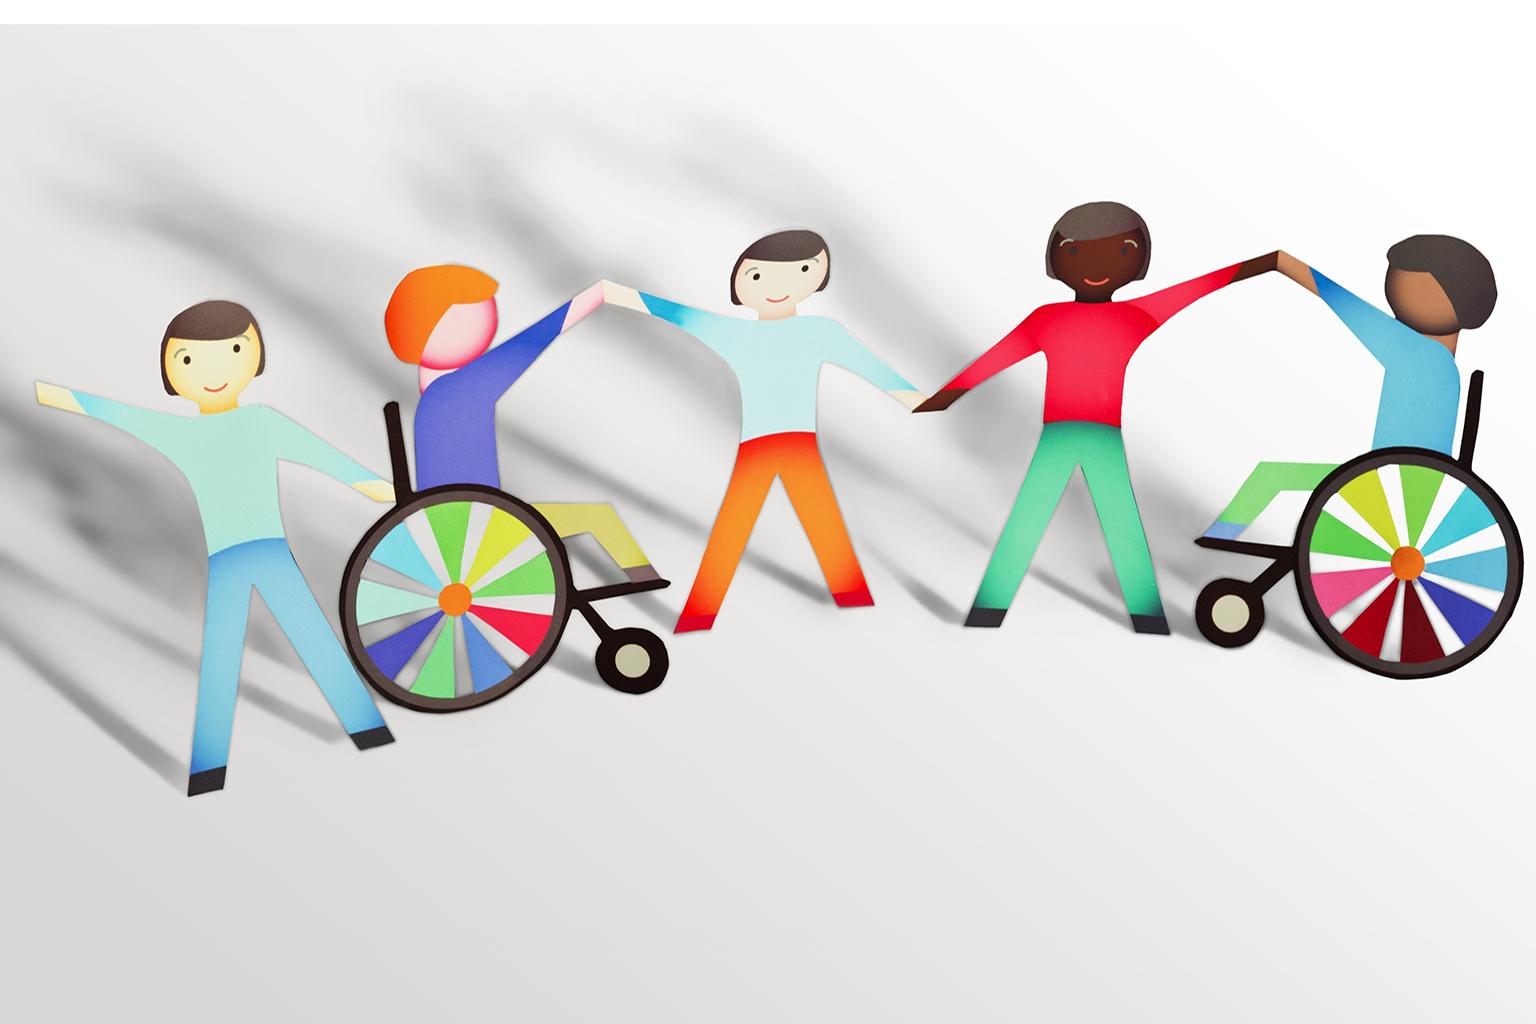 Avviso per assegnazione del FONDO PER LA NON AUTOSUFFICIENZA a favore di persone con disabilità grave o non autosufficienti